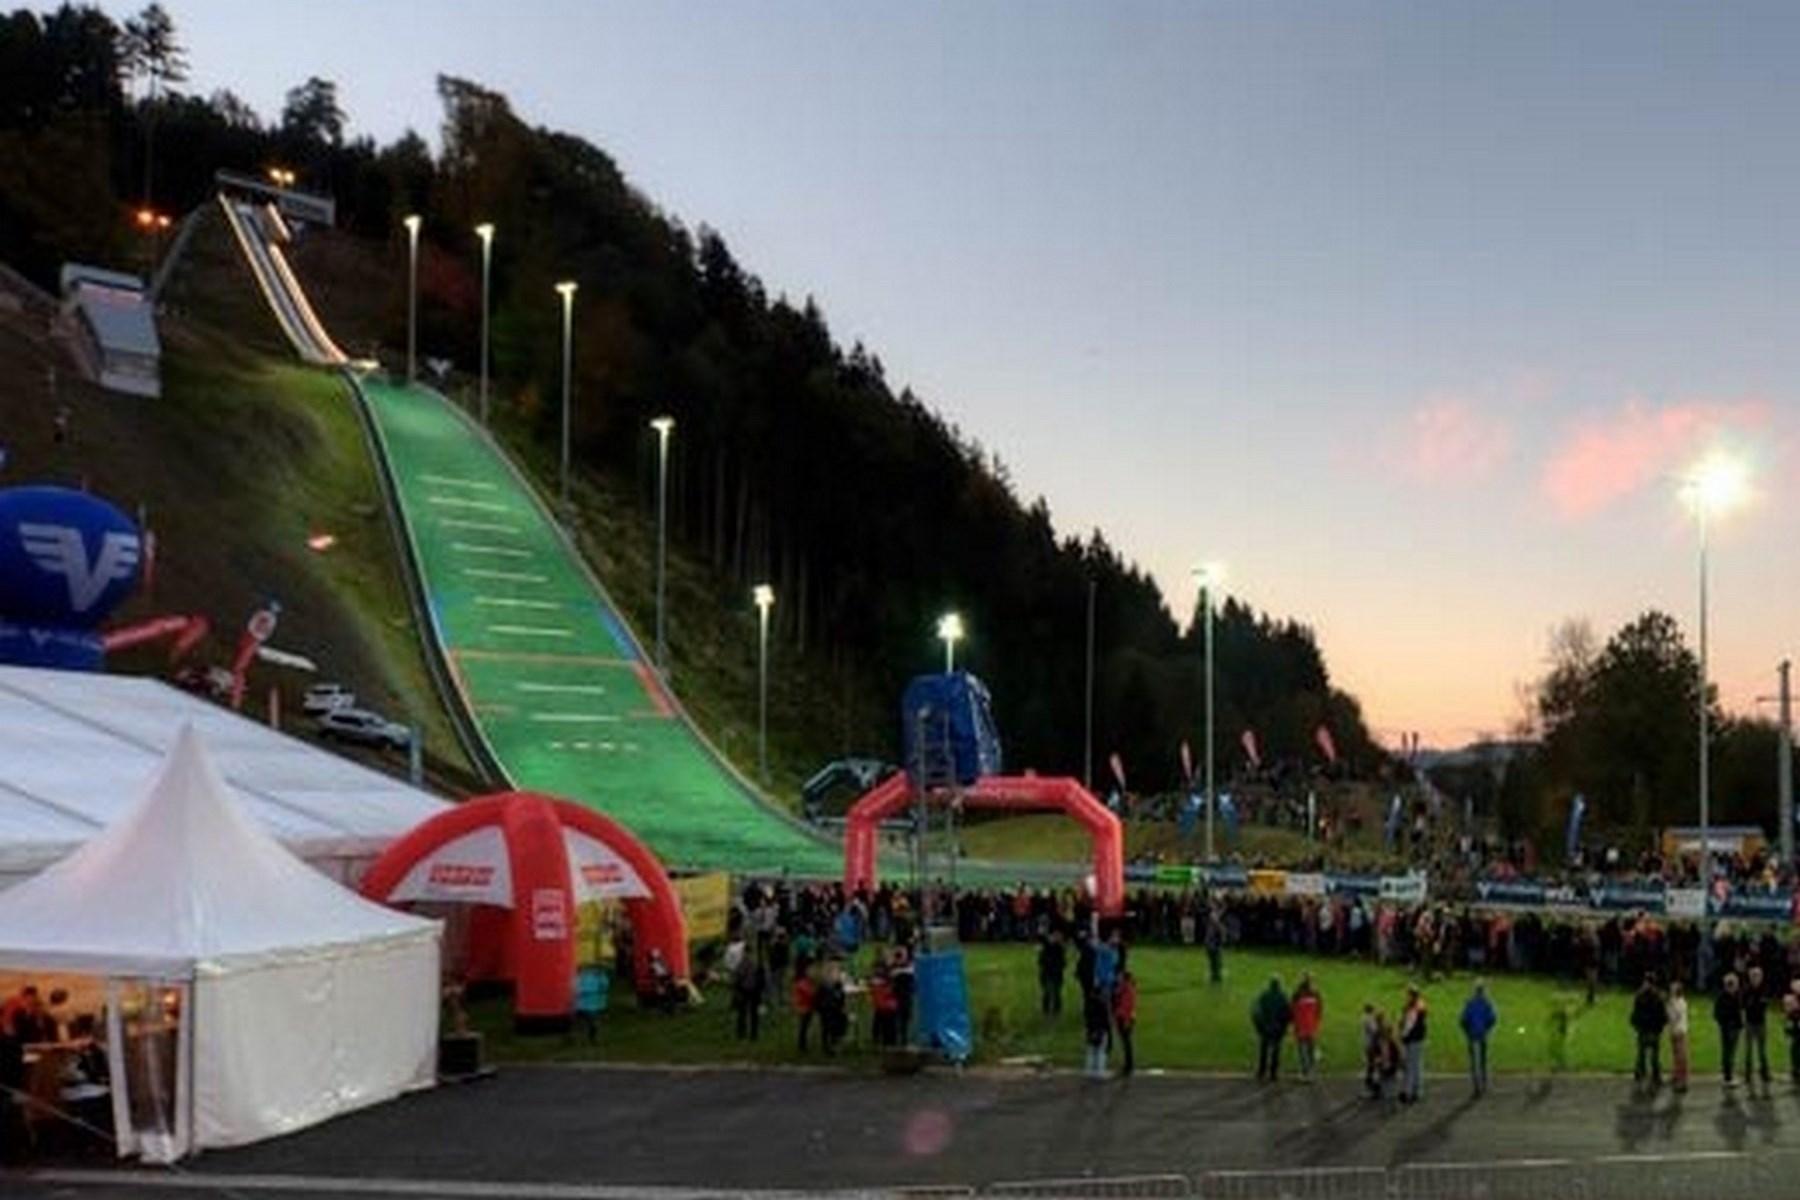 FIS Grand Prix - Hinzenbach 2016